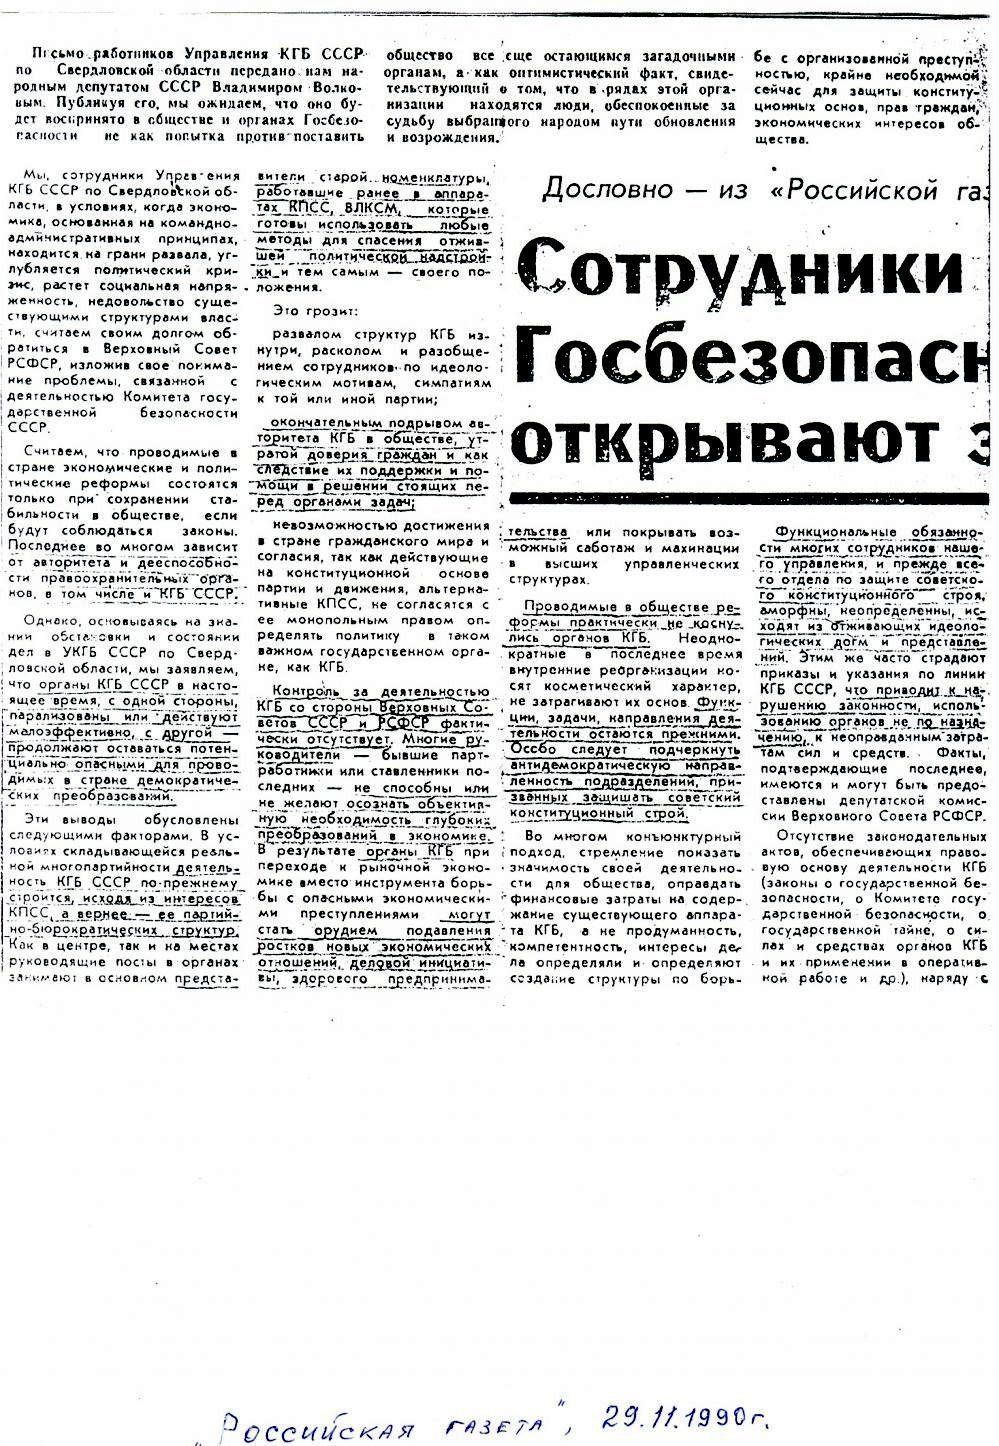 казанцев путину - российская газета